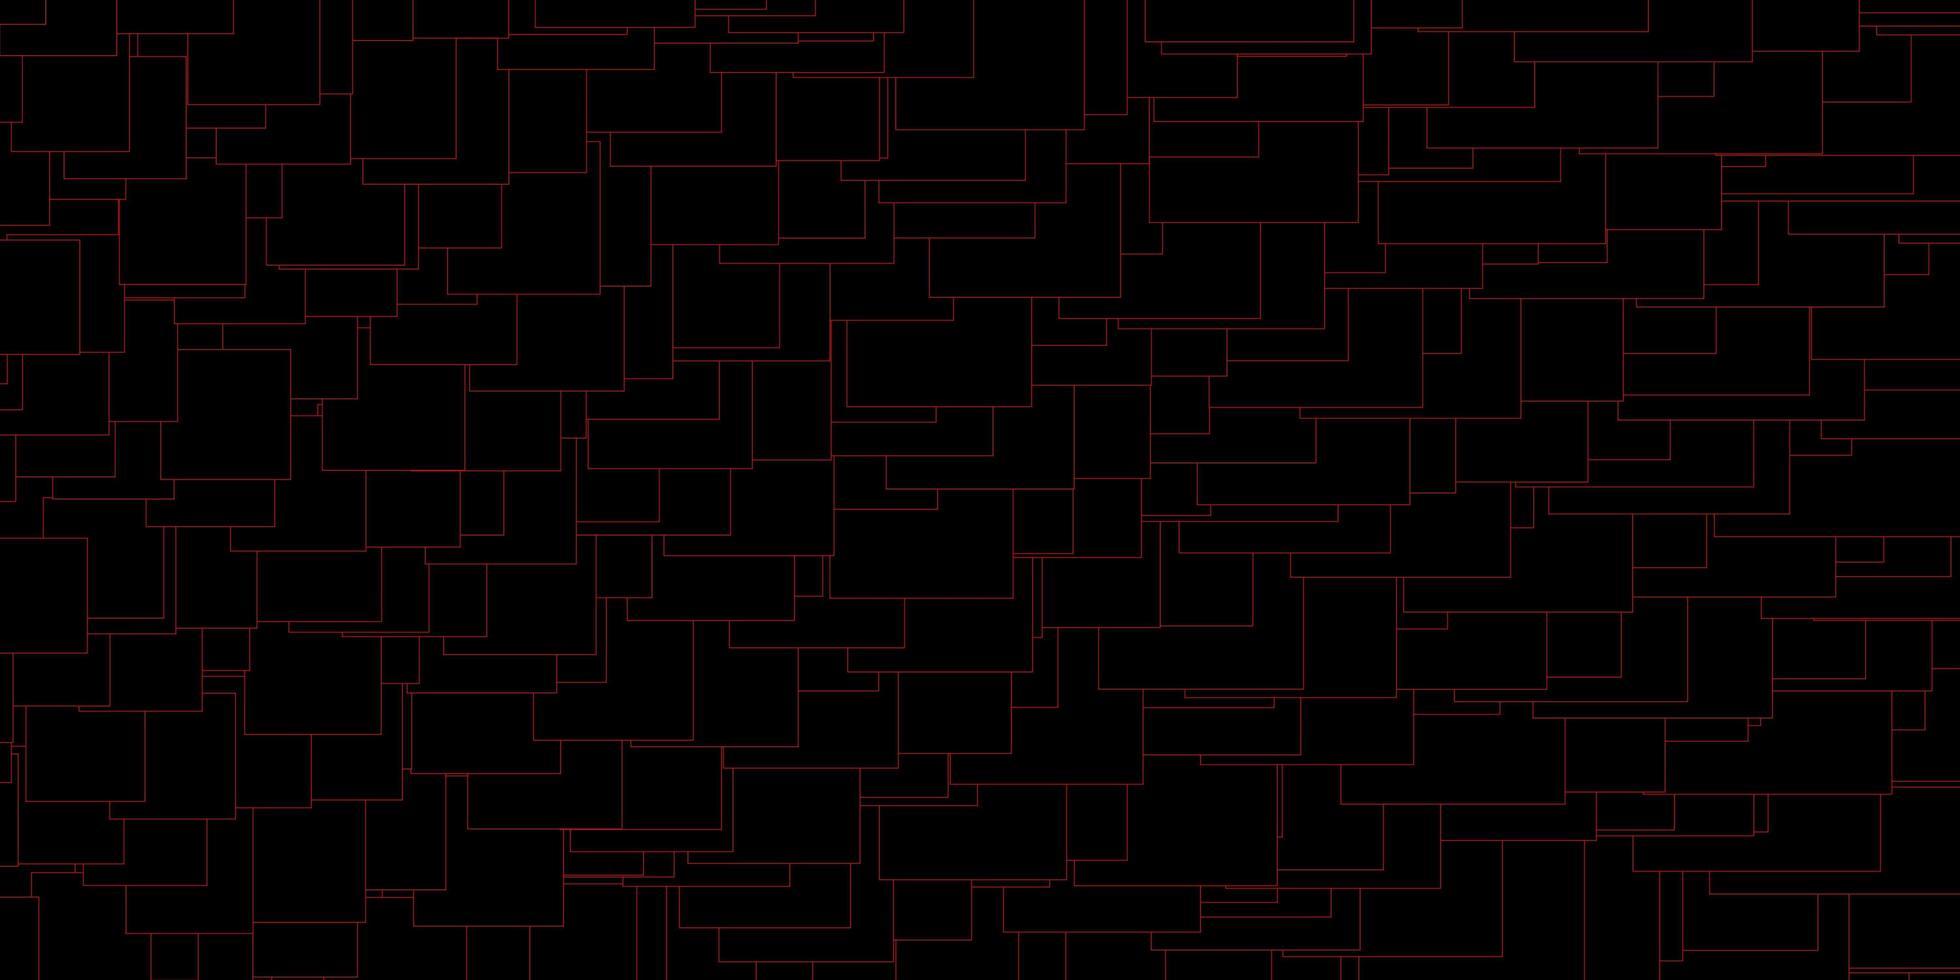 padrão de vetor vermelho escuro em estilo quadrado.